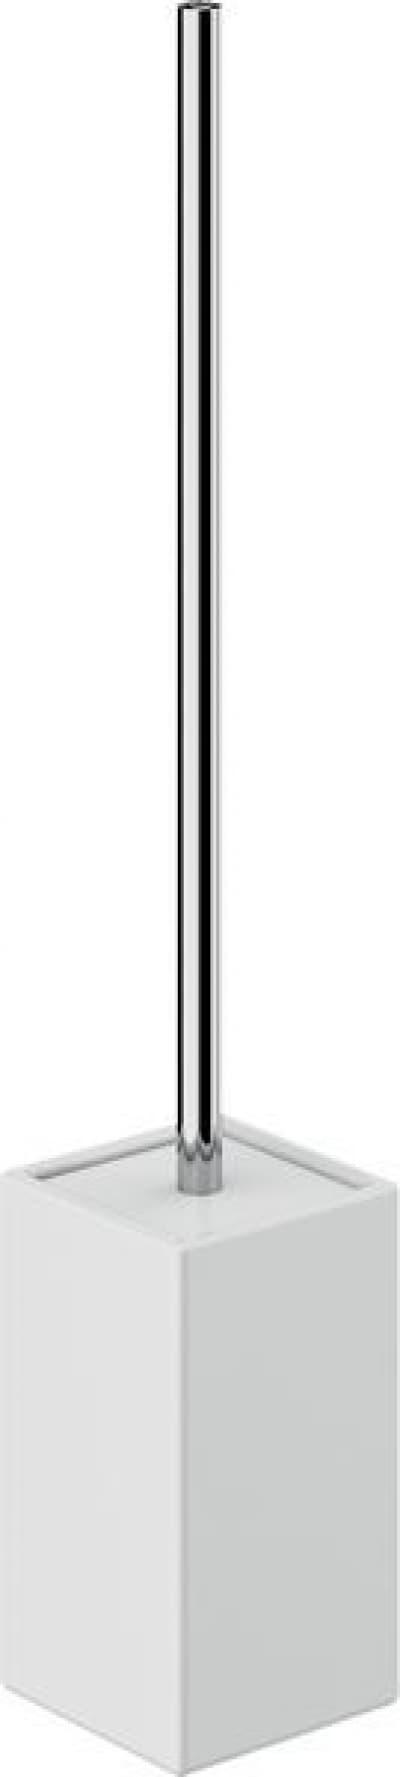 Gedy G-Verbena, напольный керамический ёршик для унитаза, цвет хром - белая керамика VE33(02)